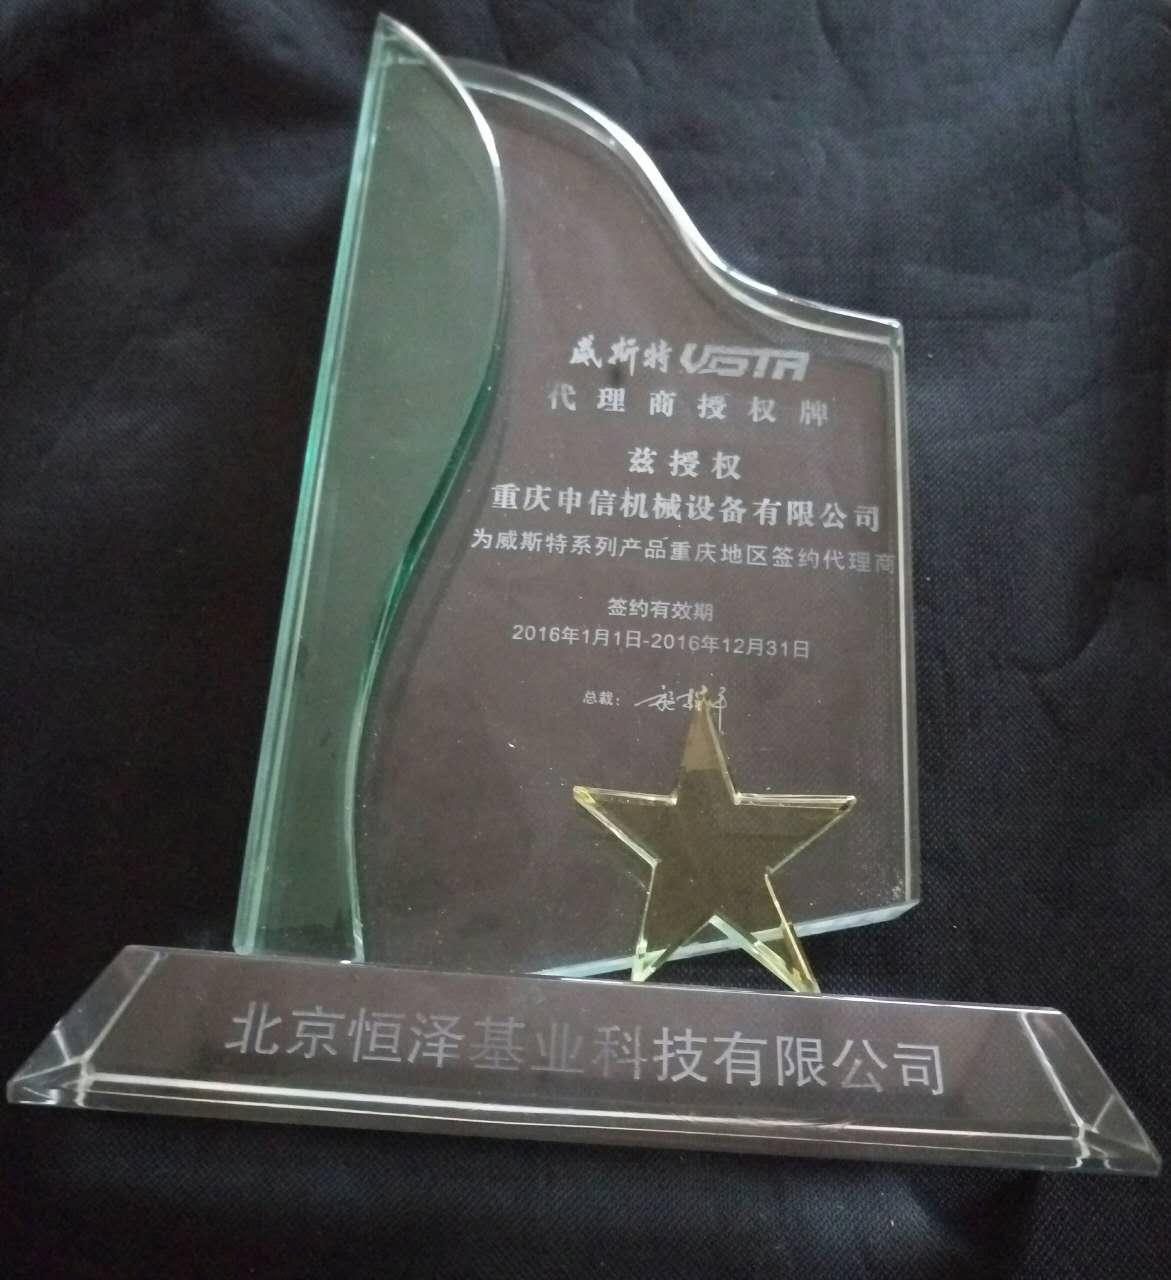 北京恒洋基业科技有限公司授权